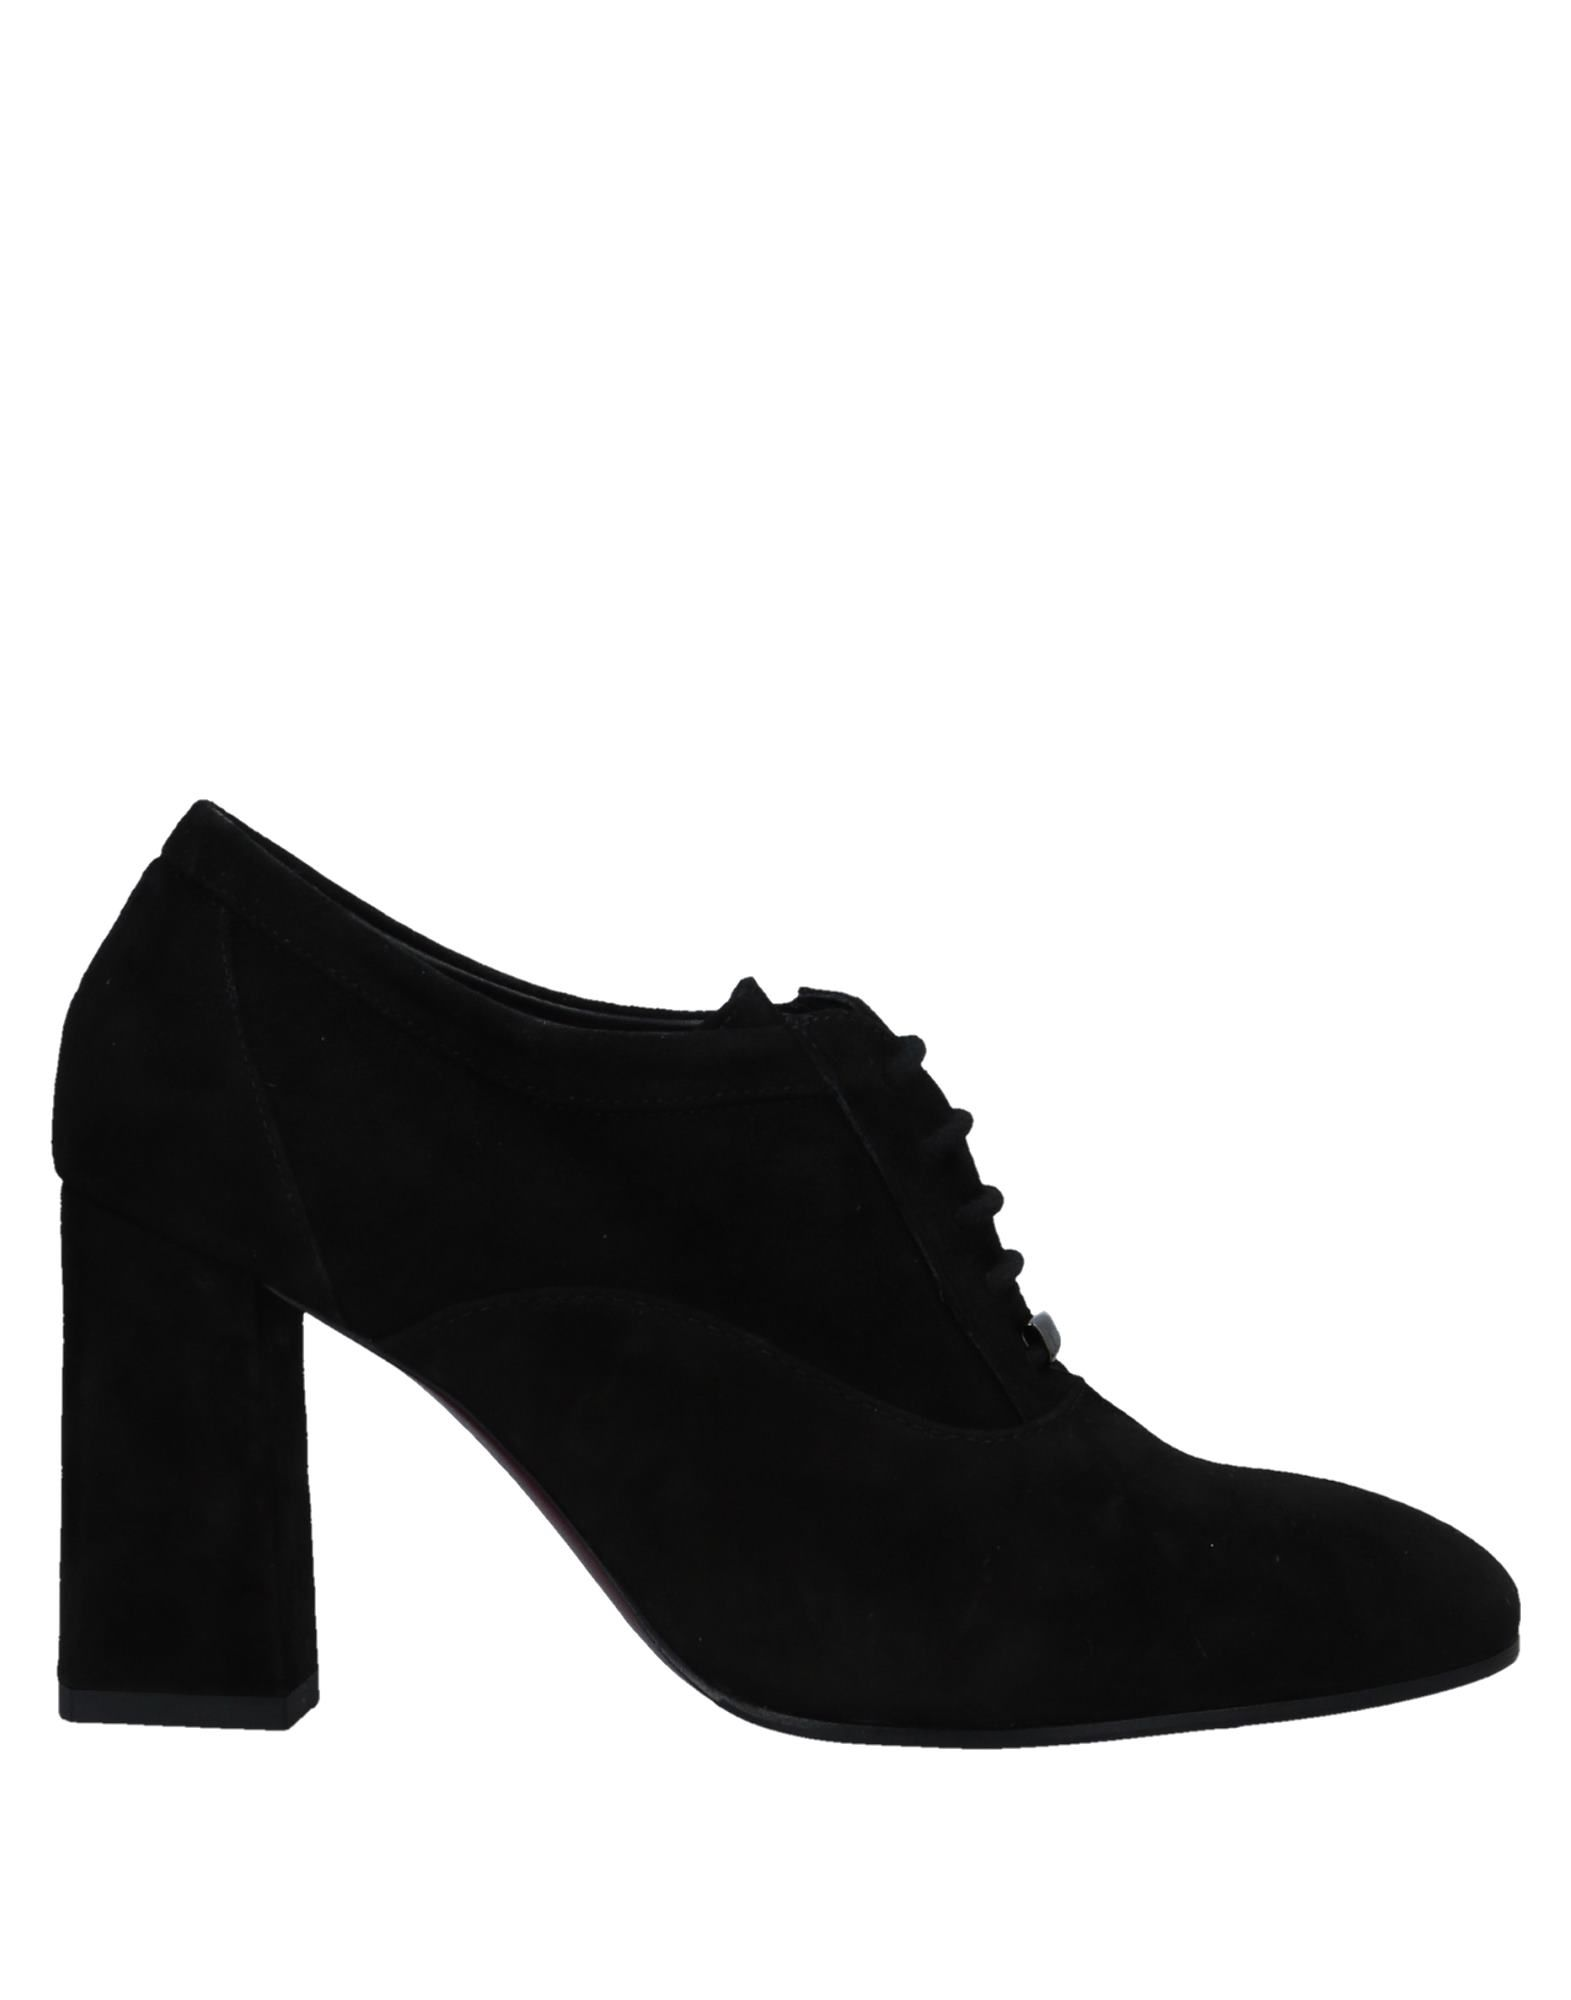 Bottine Fabi Femme - Bottines Fabi Noir Nouvelles chaussures pour hommes et femmes, remise limitée dans le temps